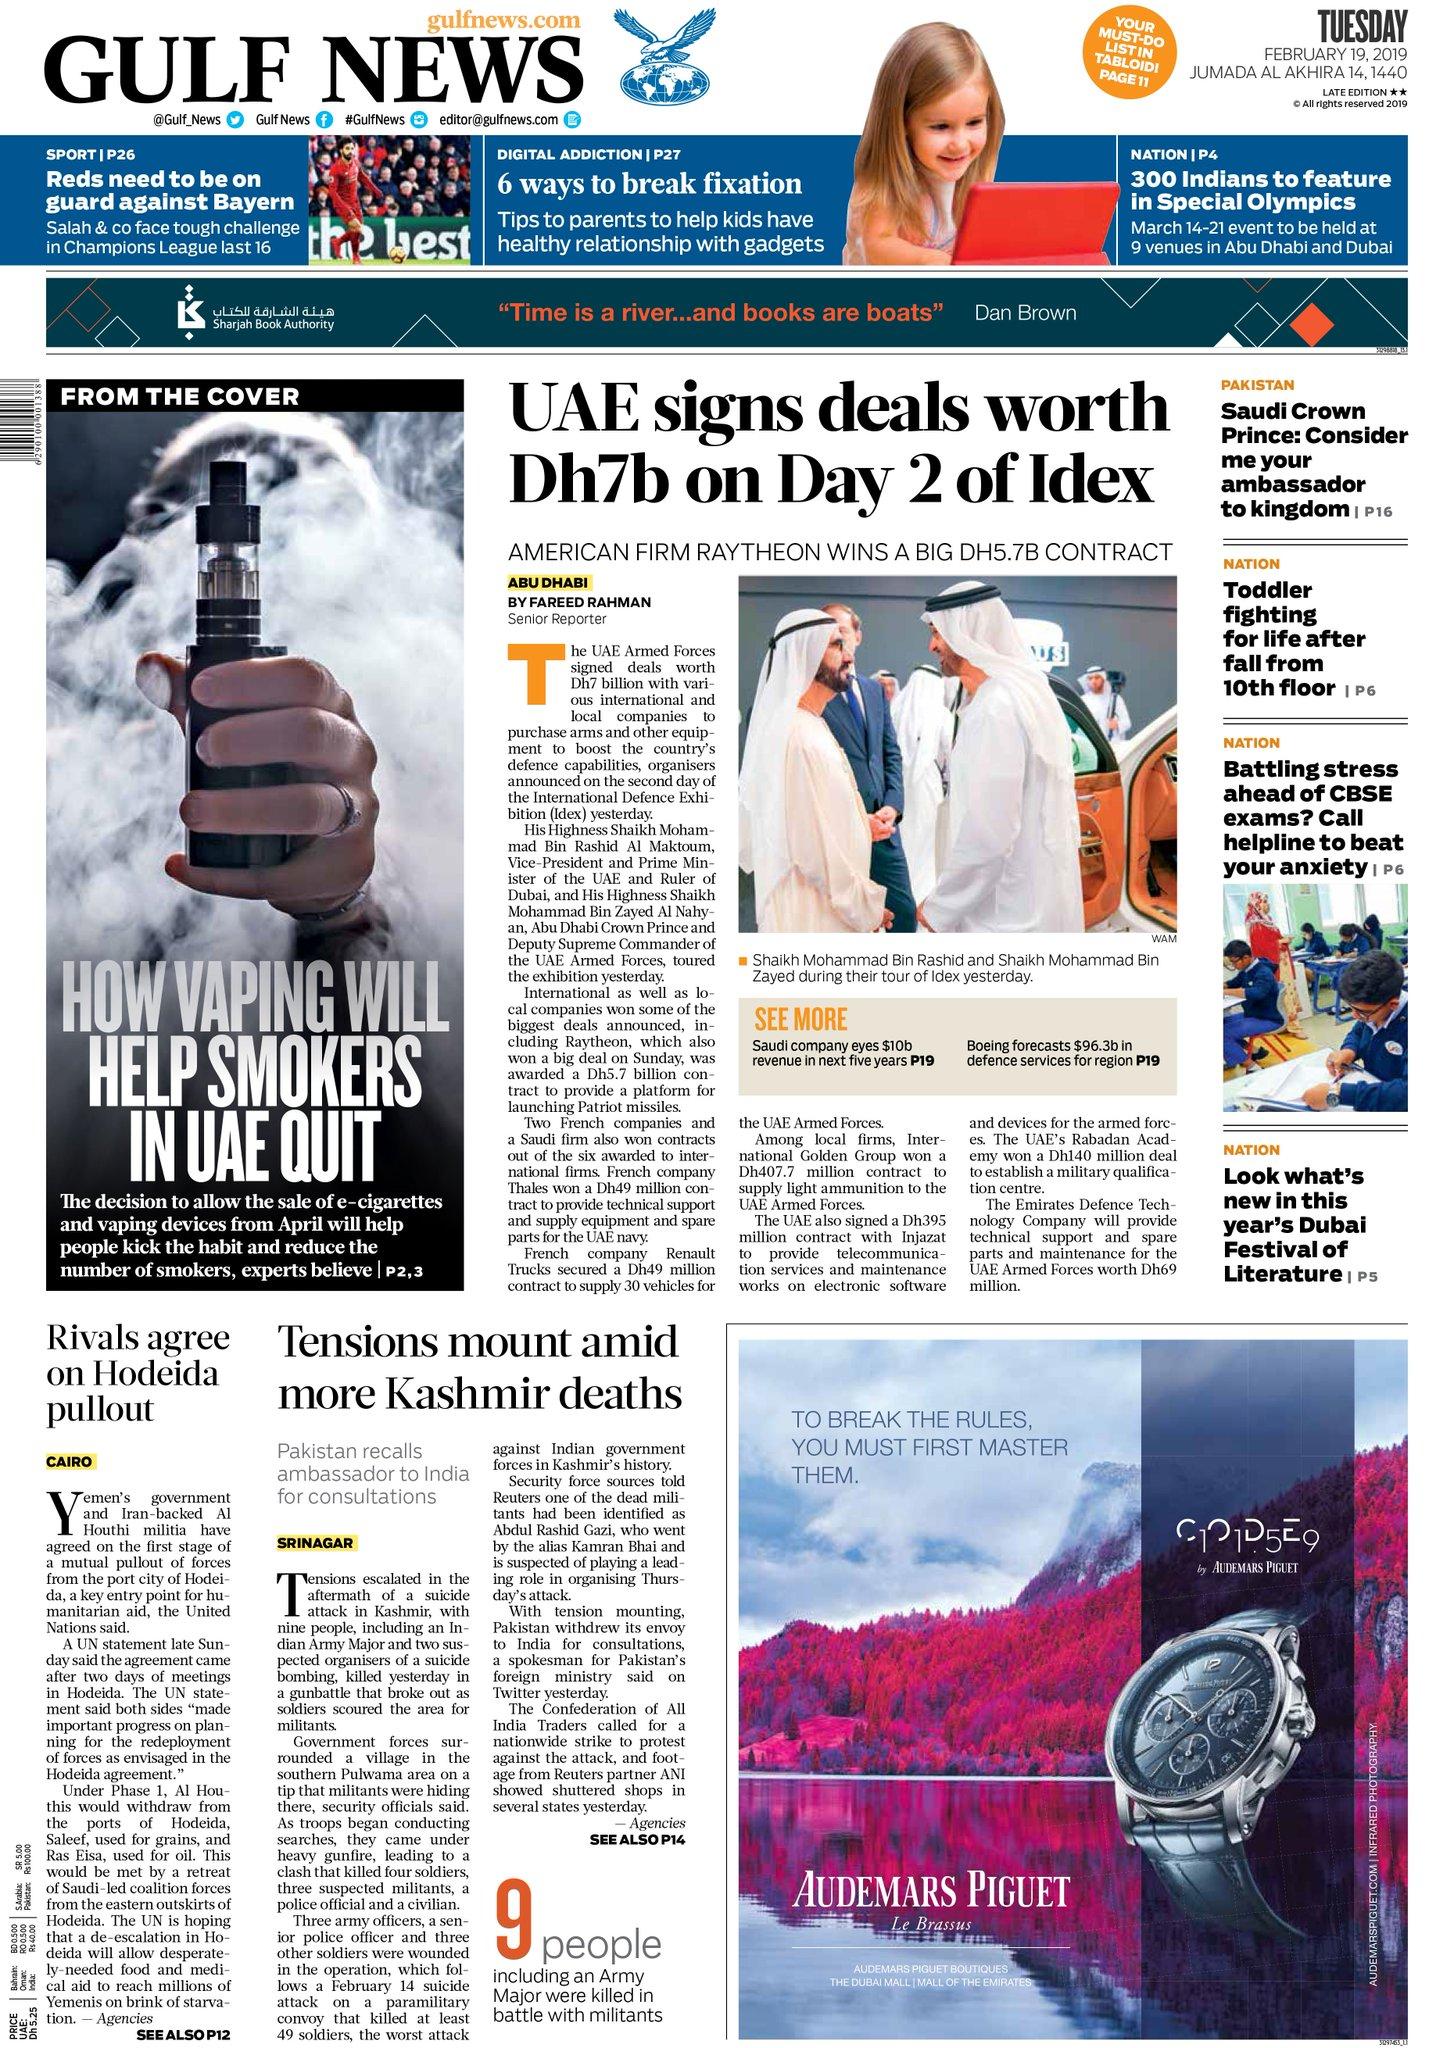 Gulf News on Twitter: